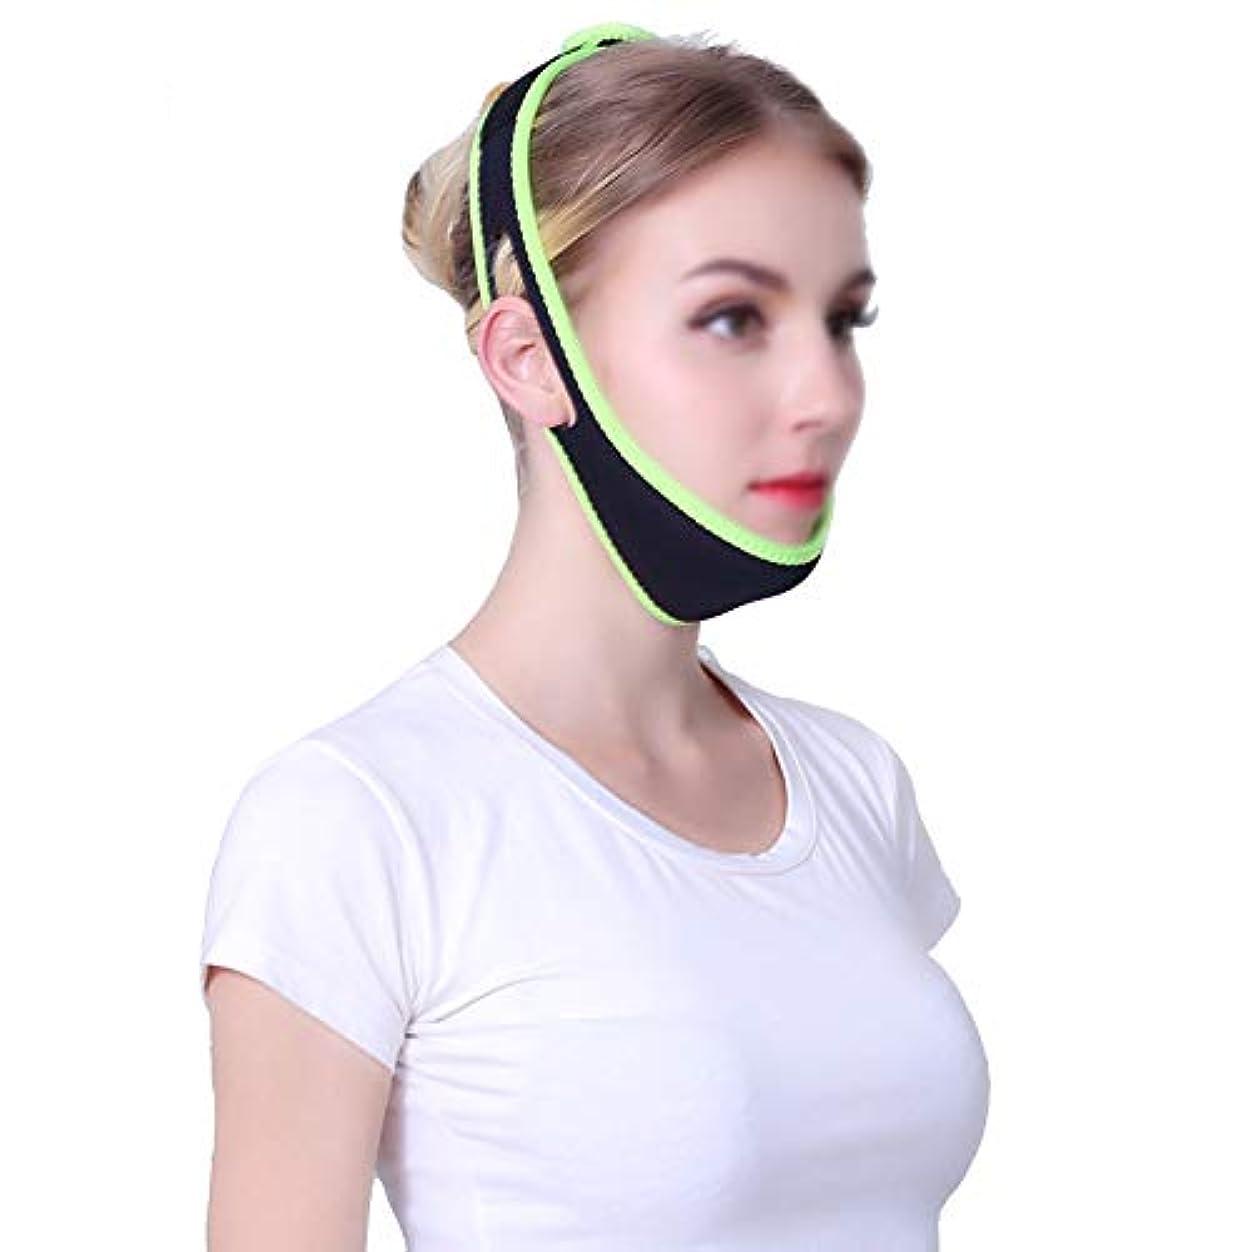 ボリューム味方重要性GLJJQMY 引き締めフェイスマスク小型Vフェイスアーティファクト睡眠薄いフェイス包帯マスクリフティングマスク引き締めクリームフェイスリフティングフェイス楽器 顔用整形マスク